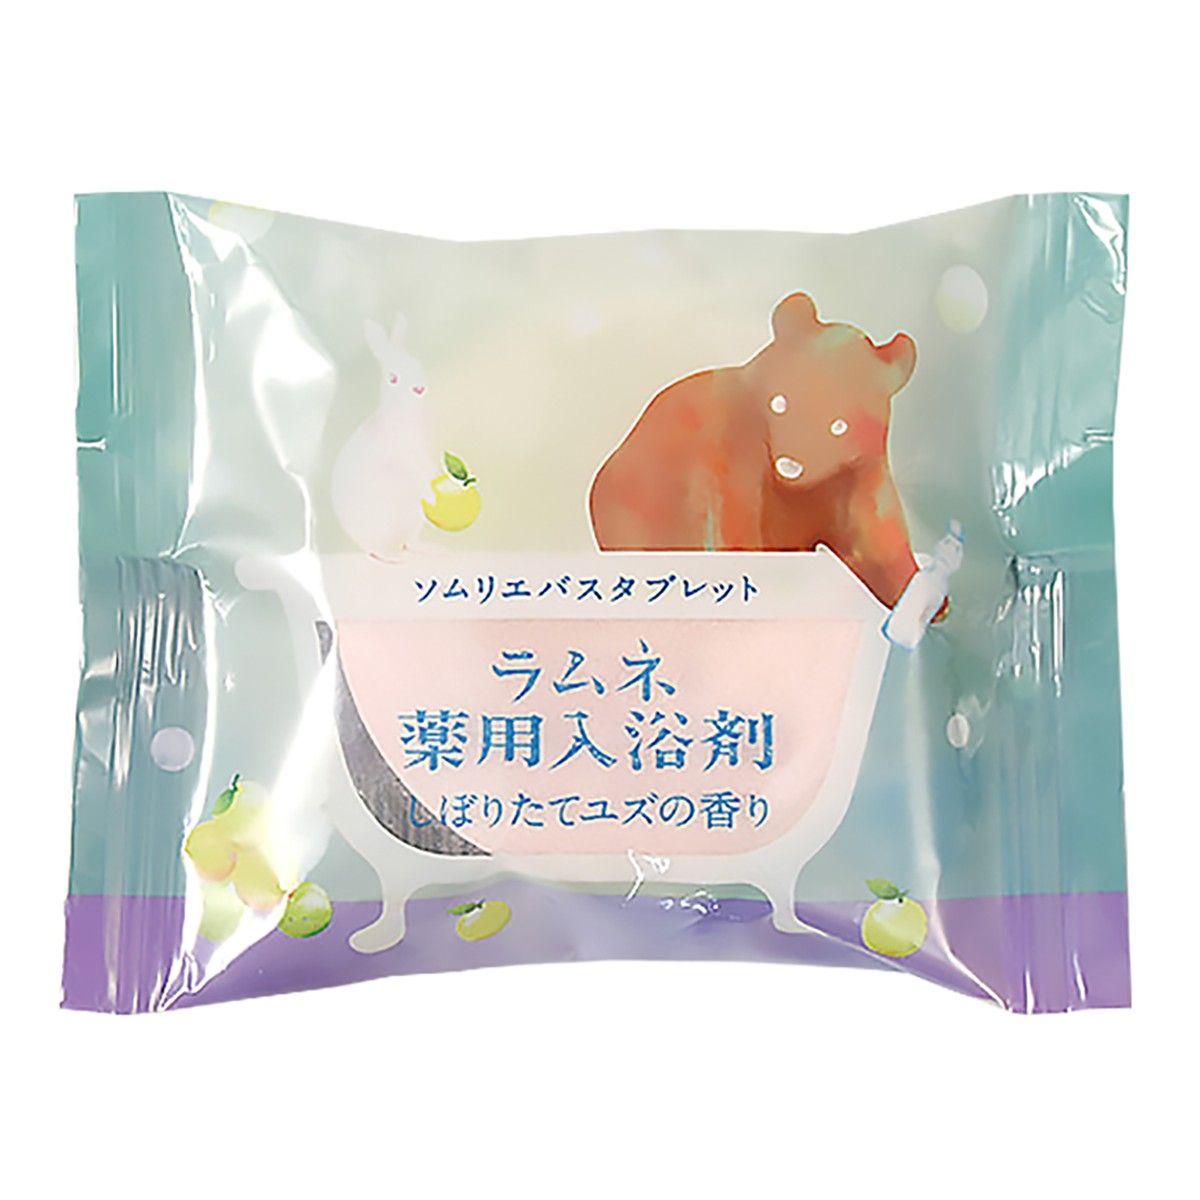 Расслабляющая соль-таблетка для ванны с ароматом юдзу - 40 гр.